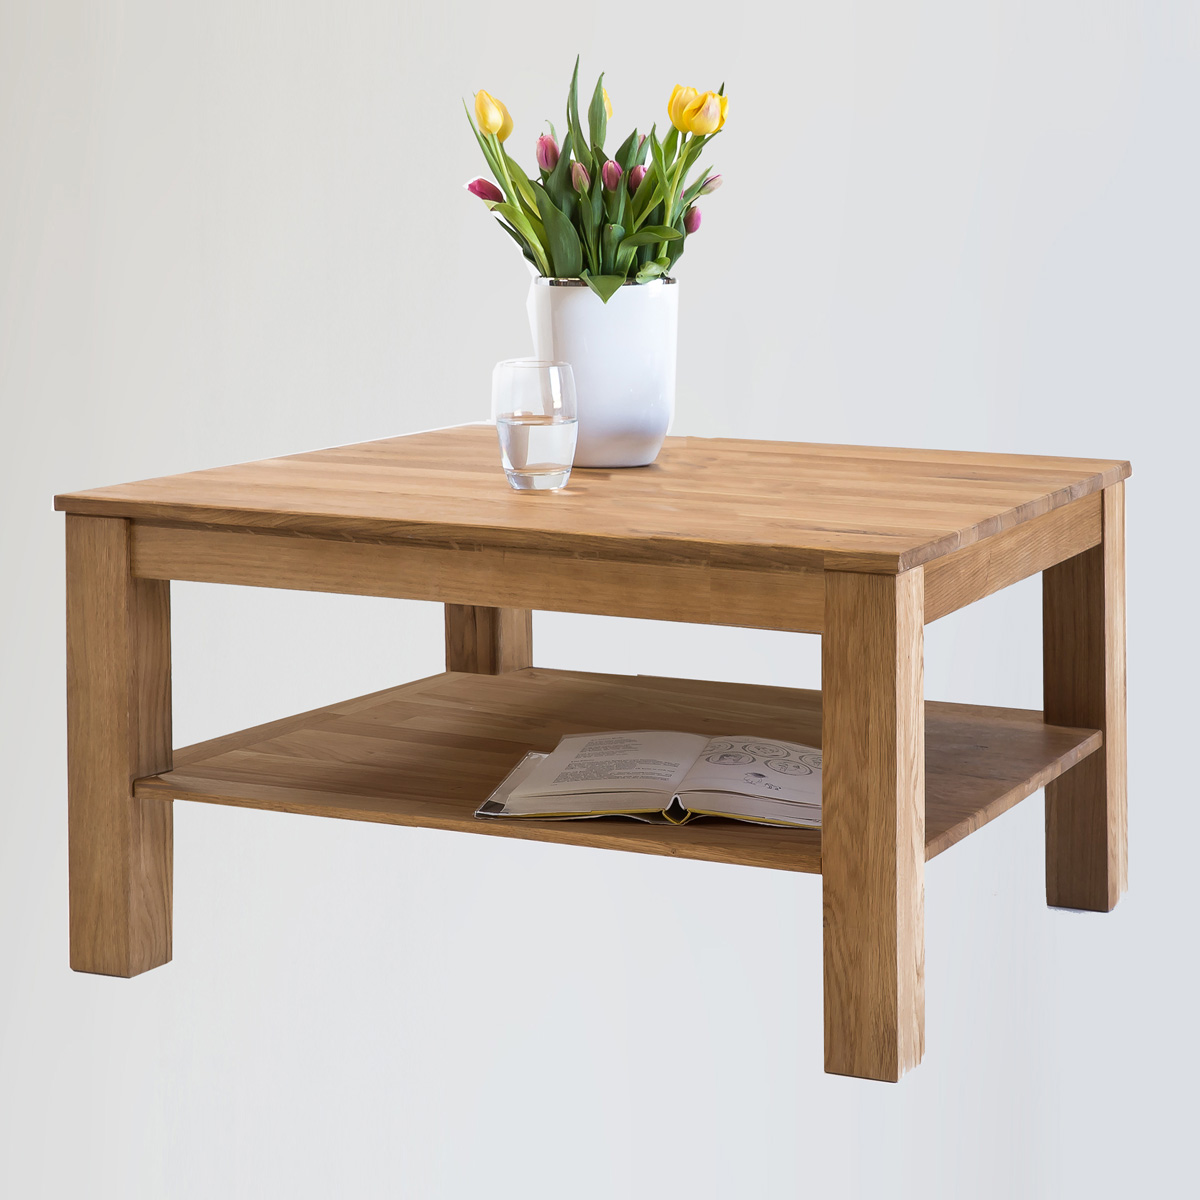 couchtisch kira tisch auswahl kernbuche wildeiche massiv ge lt bianco 70x70 ebay. Black Bedroom Furniture Sets. Home Design Ideas